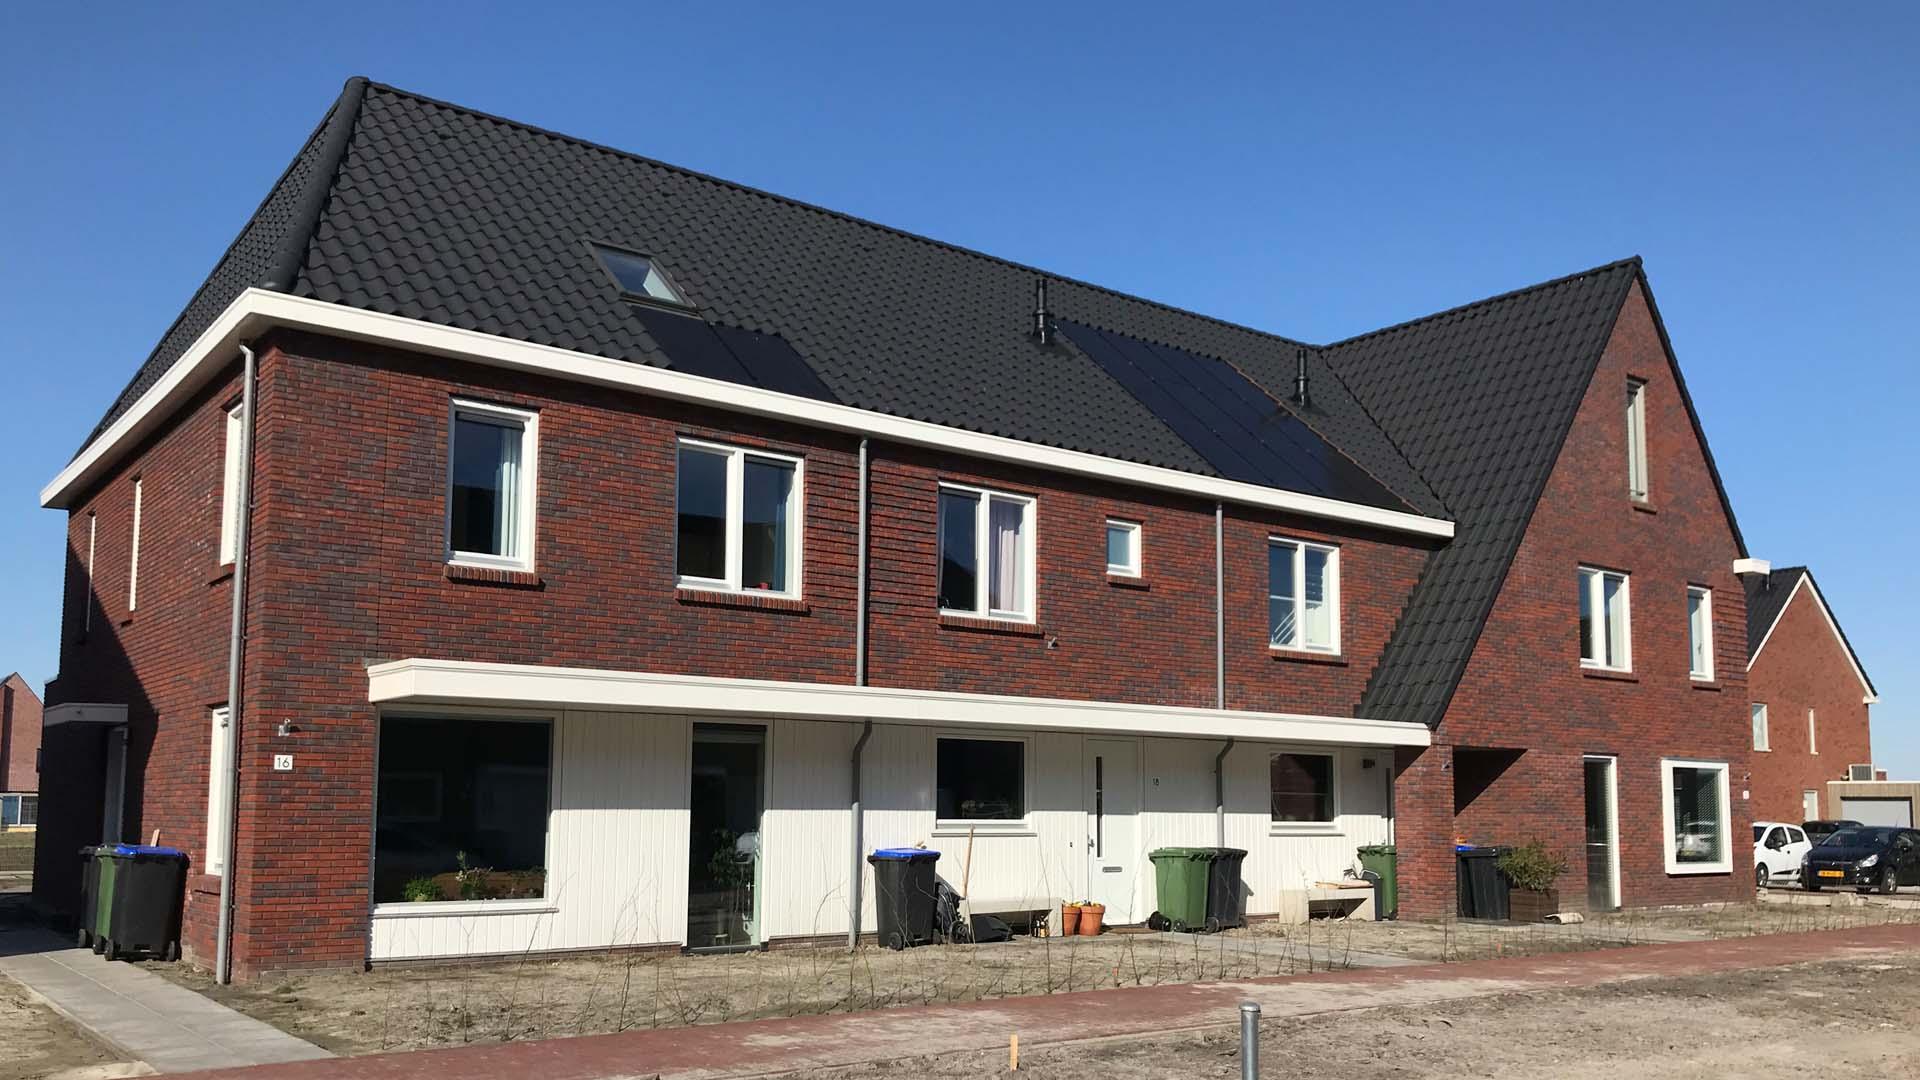 16050_Meerstad Groningen_04